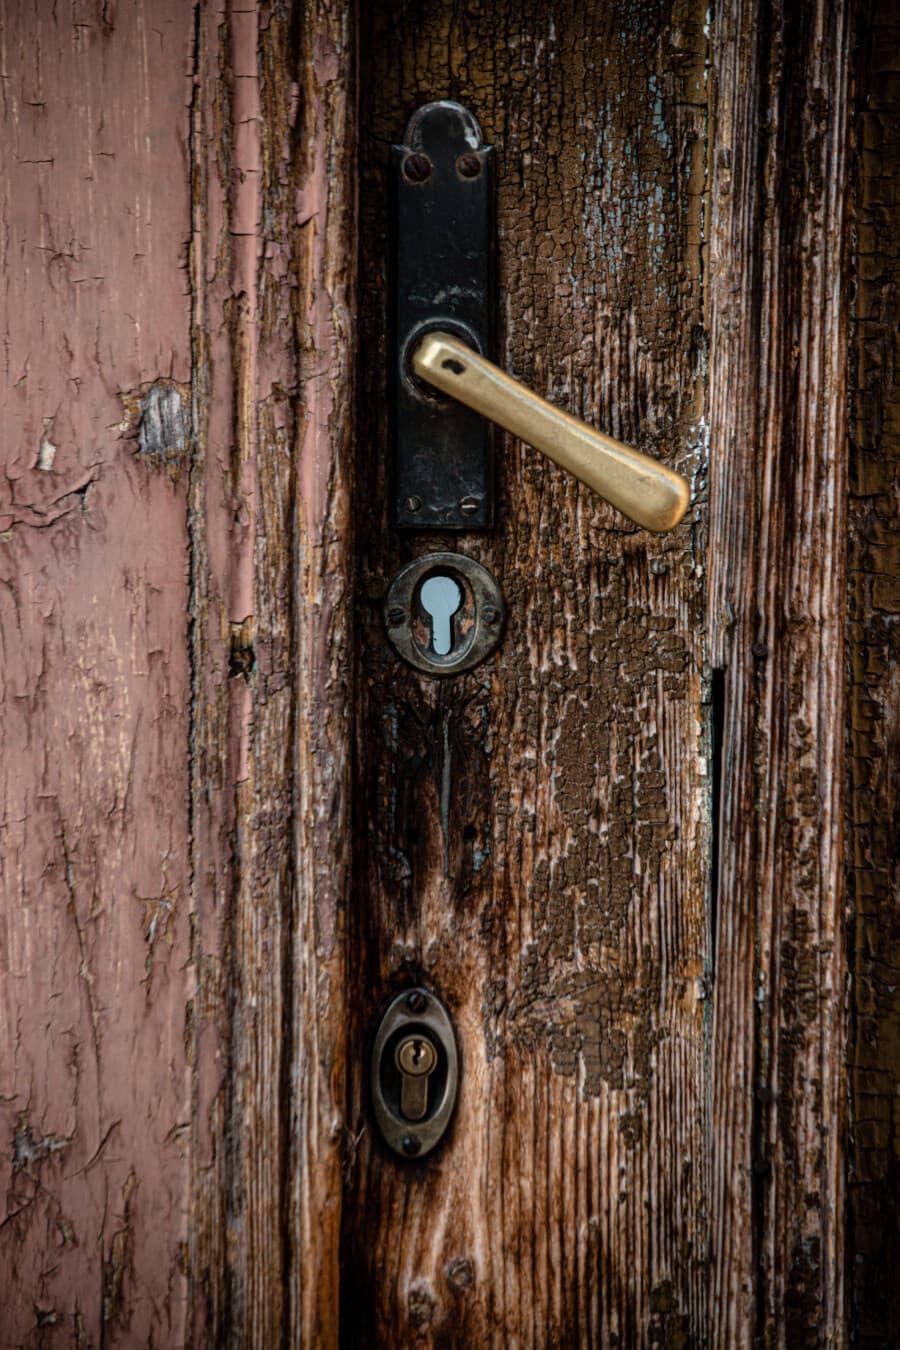 vor der Tür, Messing, Handle, Schlüsselloch, Tür, Eingang, aus Holz, Tor, Holz, alt